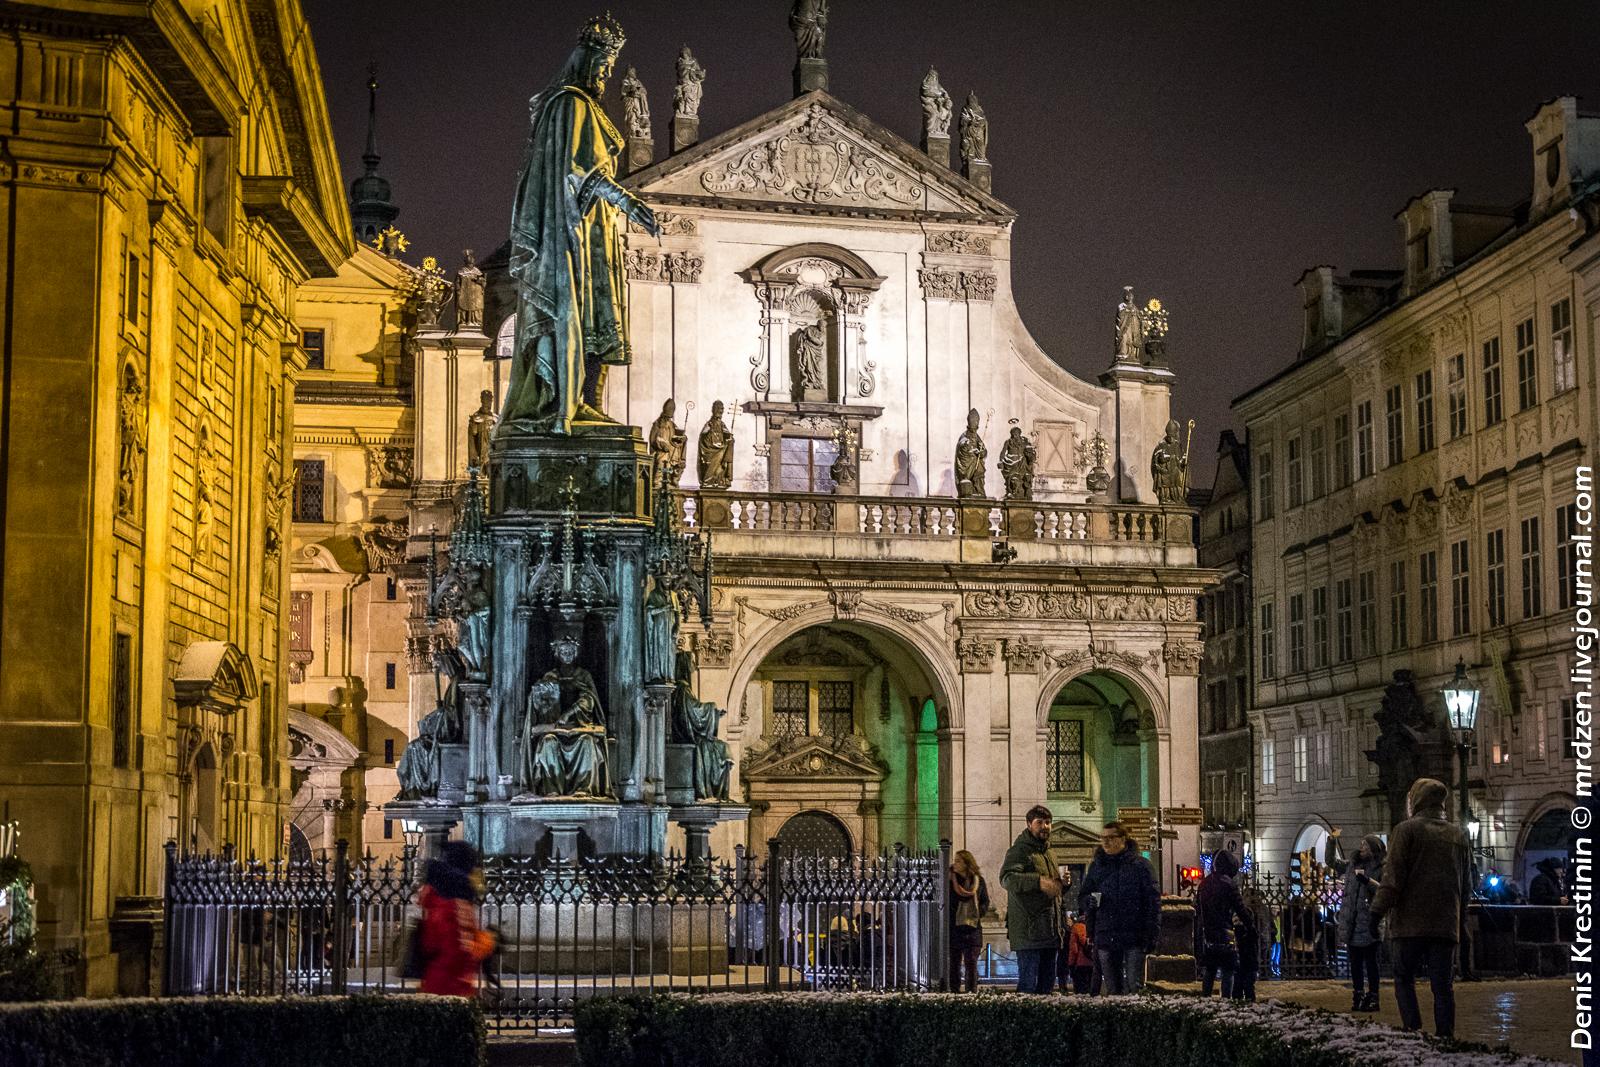 Памятник императору Карлу IV Великому